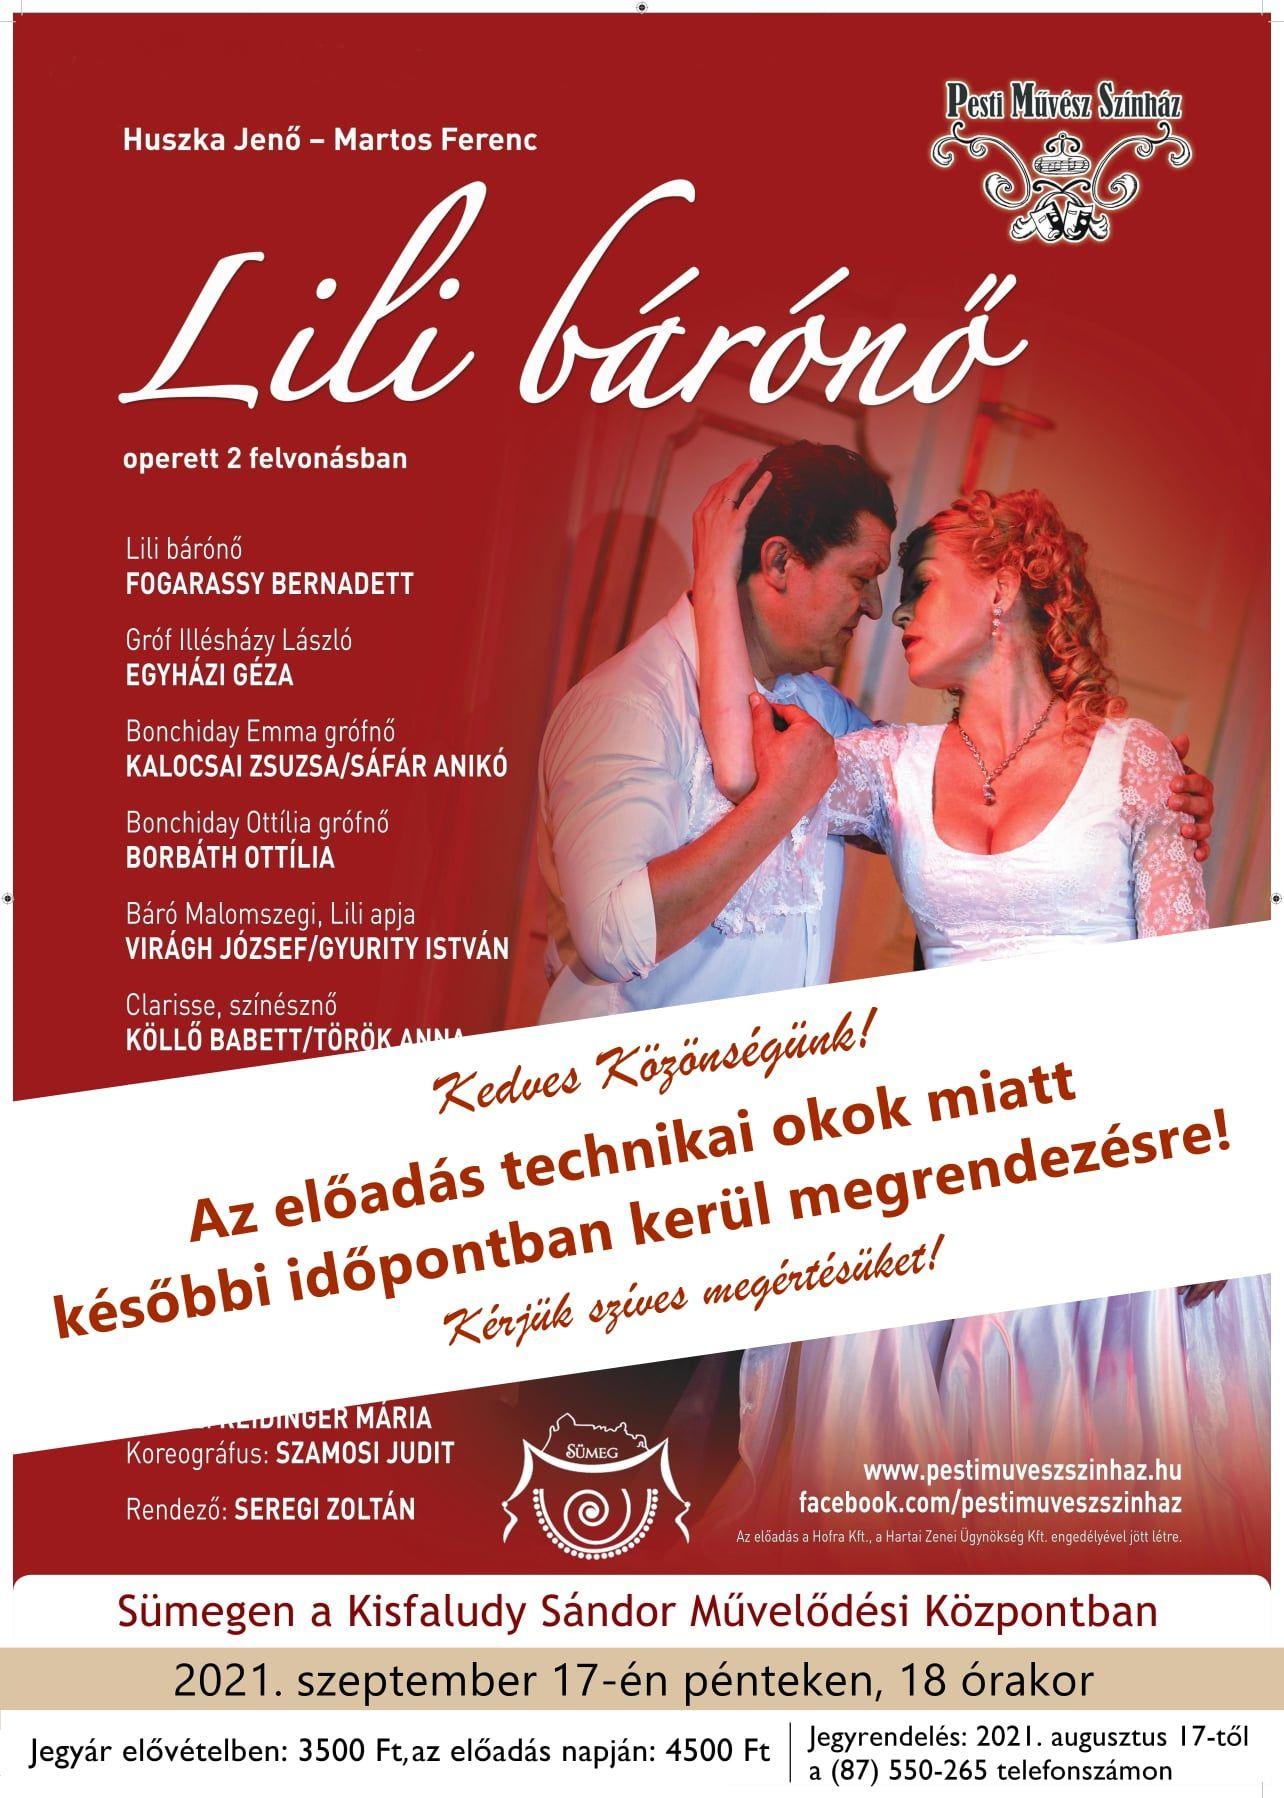 Pesti Művész Színház: Lili bárónő